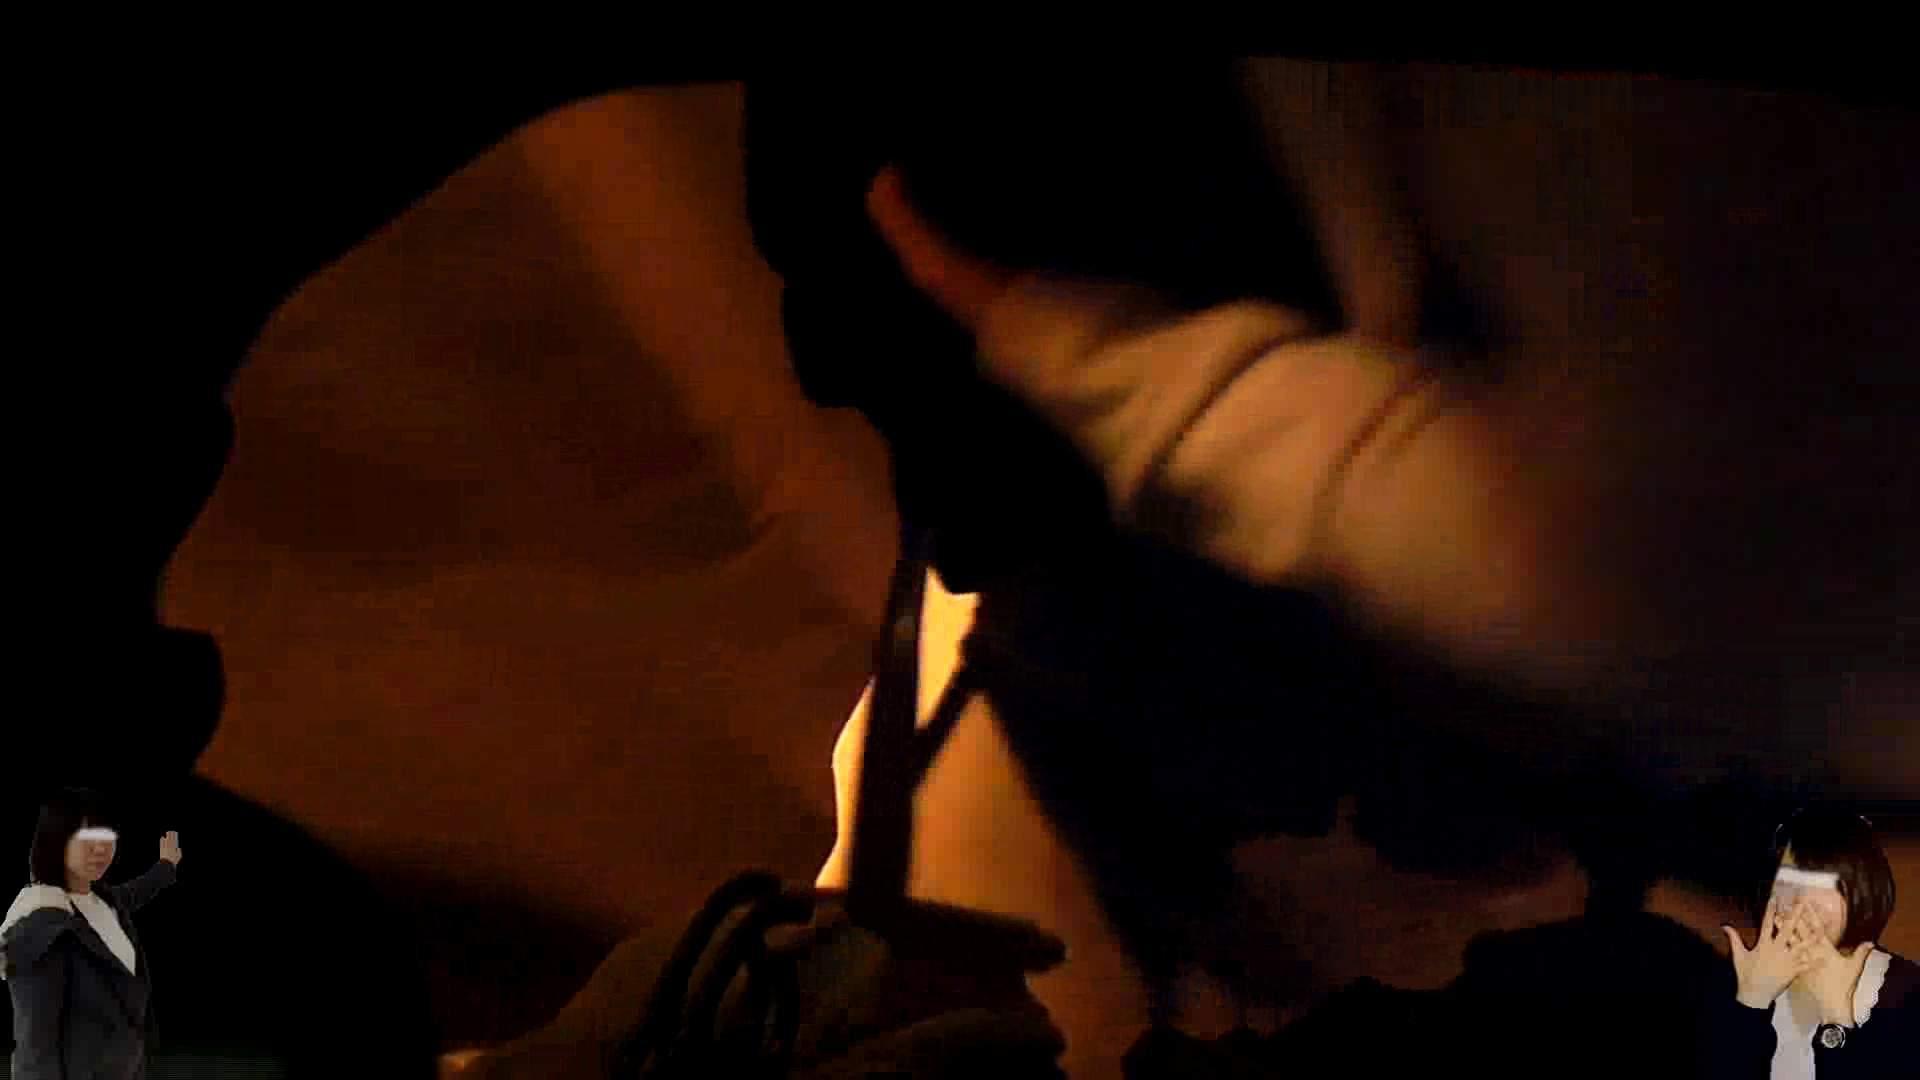 素人投稿 現役「JD」Eちゃんの着替え Vol.05 素人丸裸 おめこ無修正動画無料 78pic 35